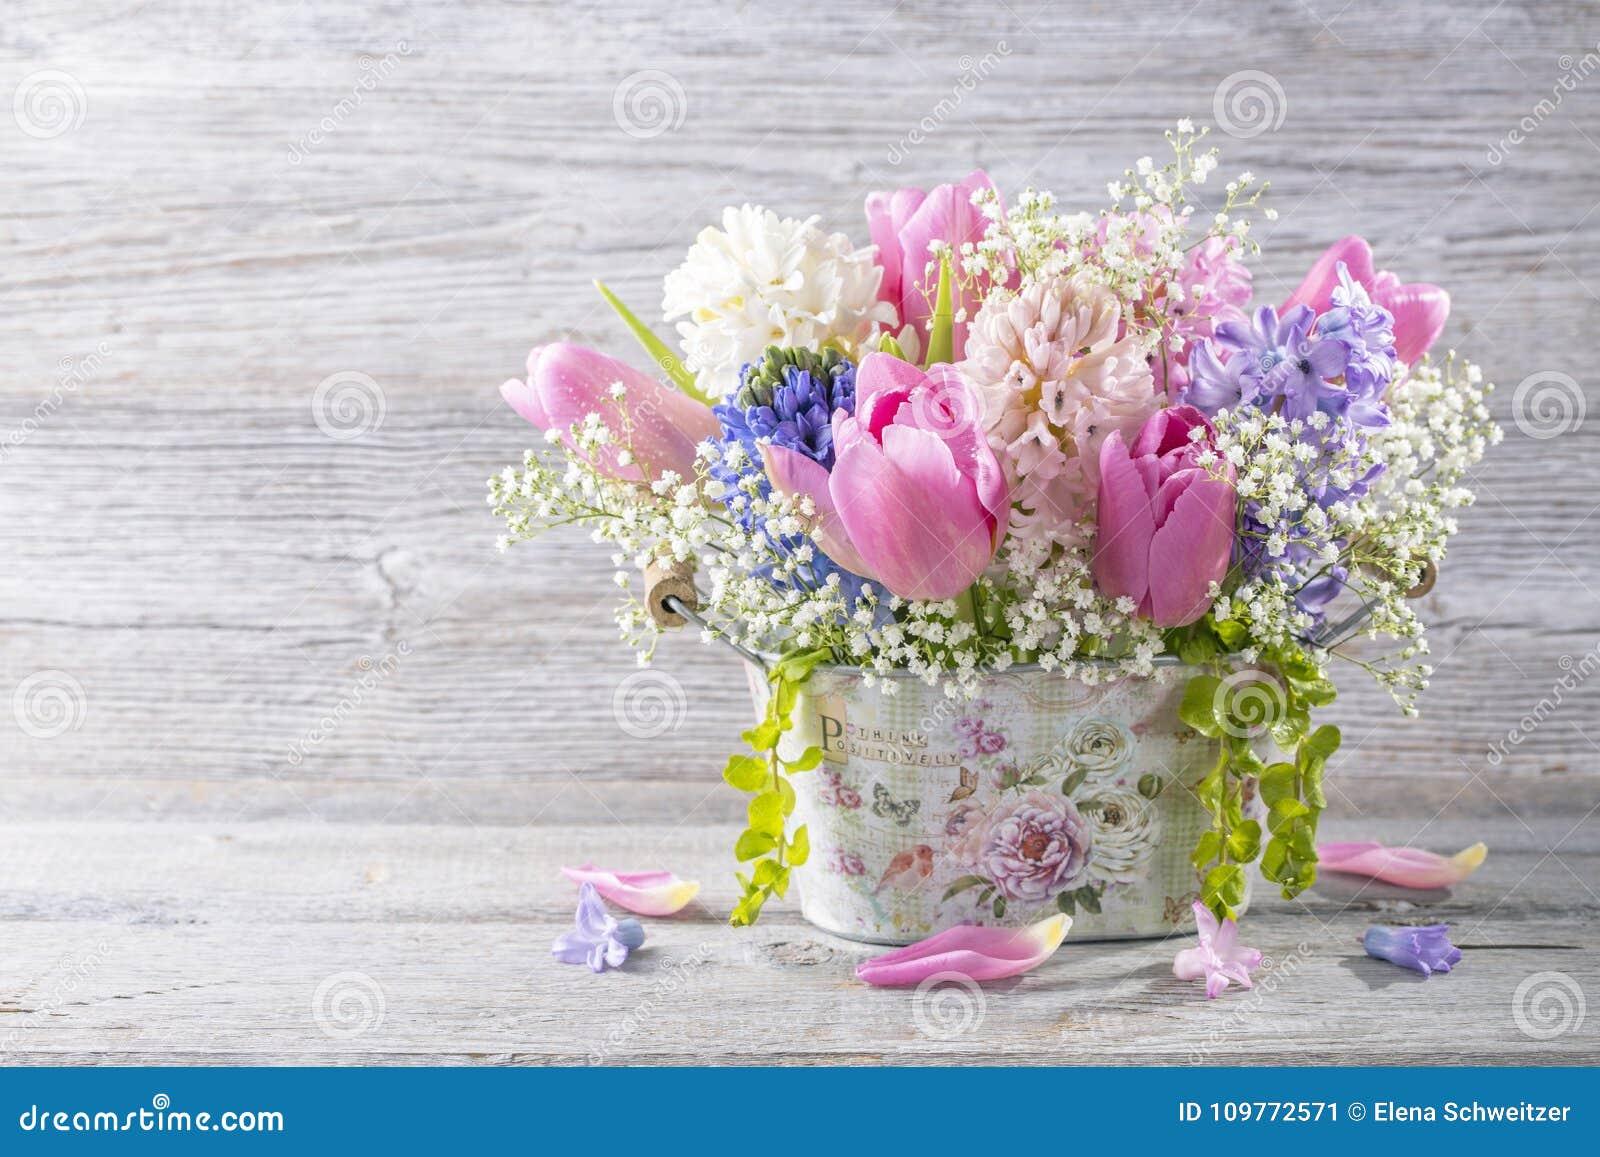 Χρωματισμένα κρητιδογραφία λουλούδια